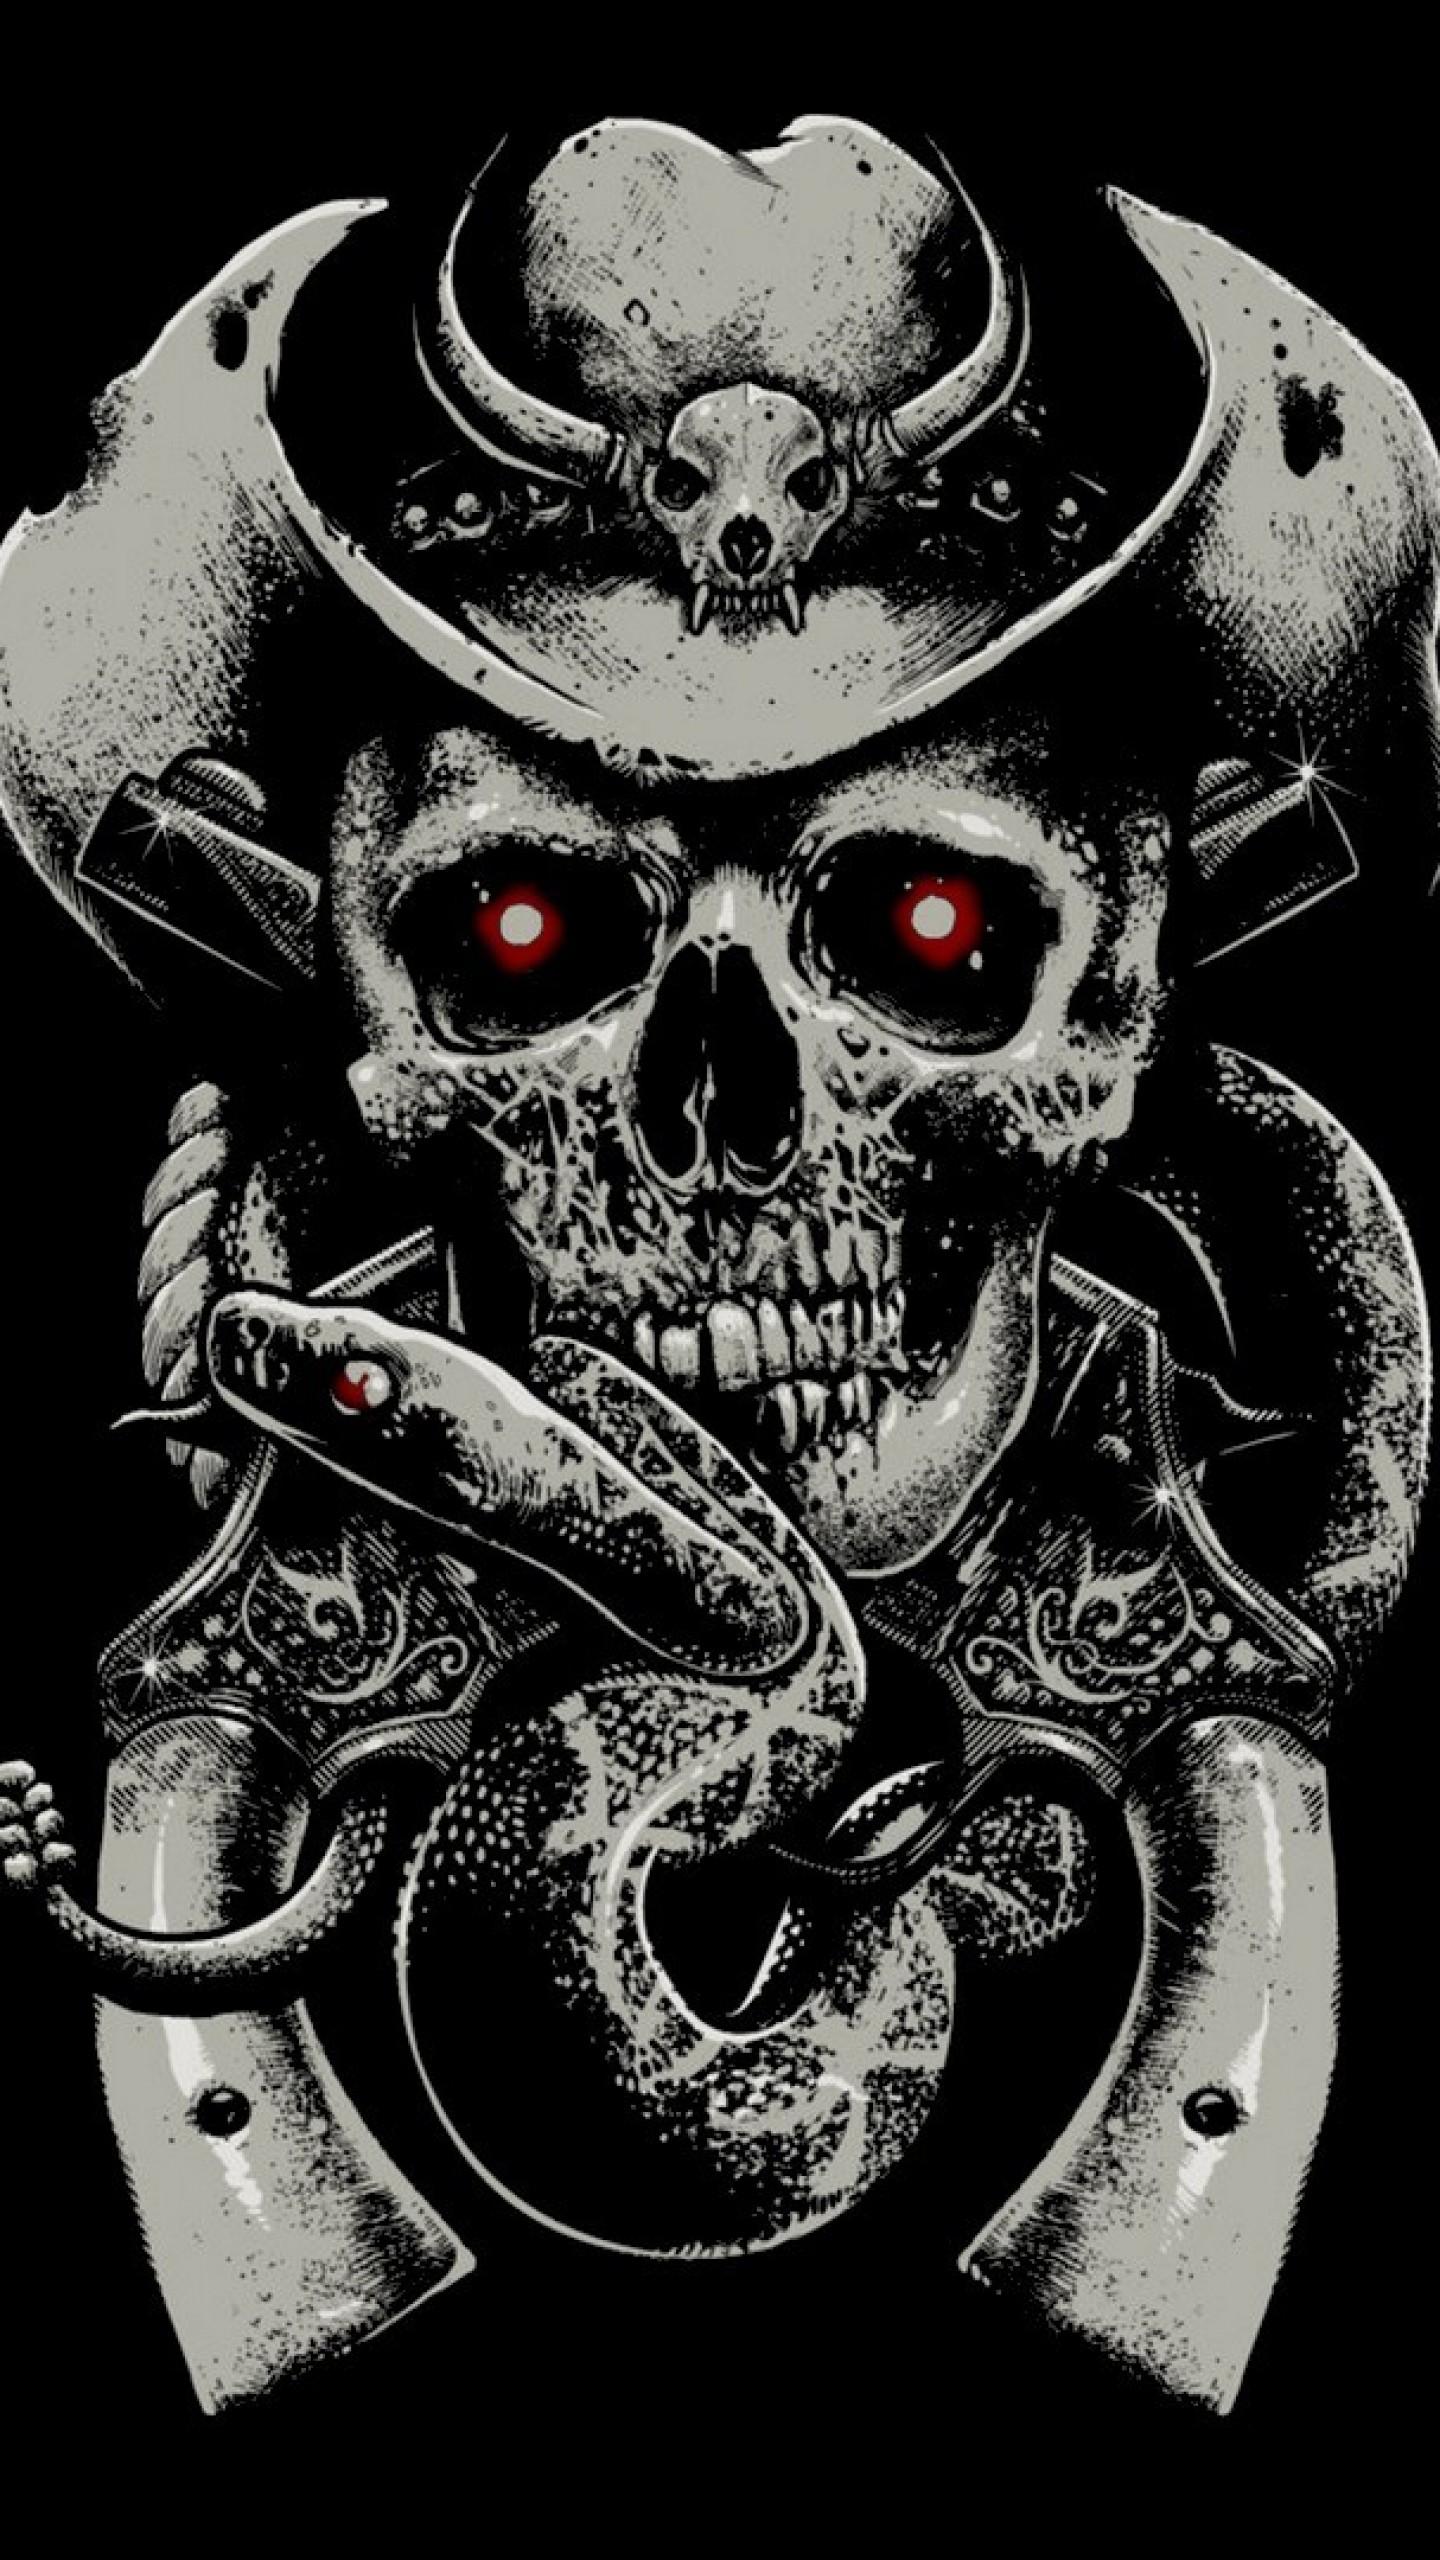 Preview wallpaper skull, fear, hat, guns, snake, background 1440×2560